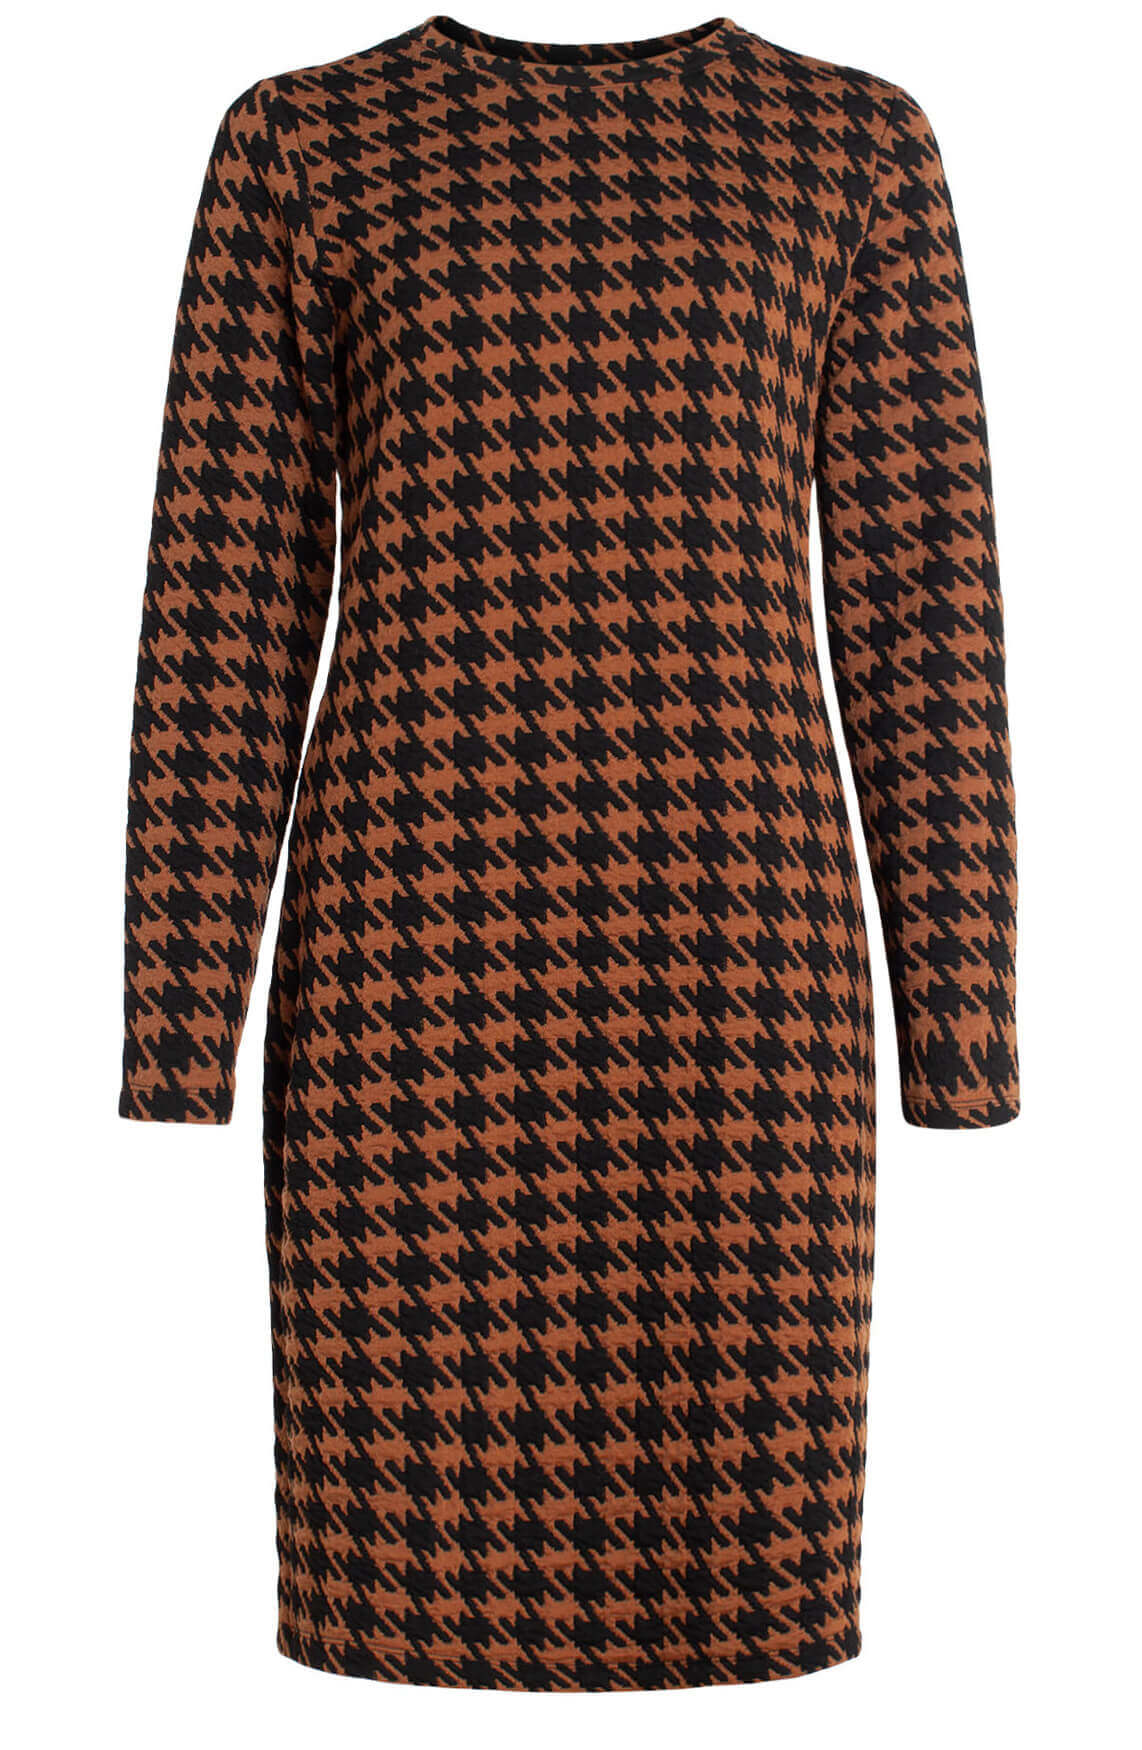 Anna Dames Pied-de-coq jurk Bruin